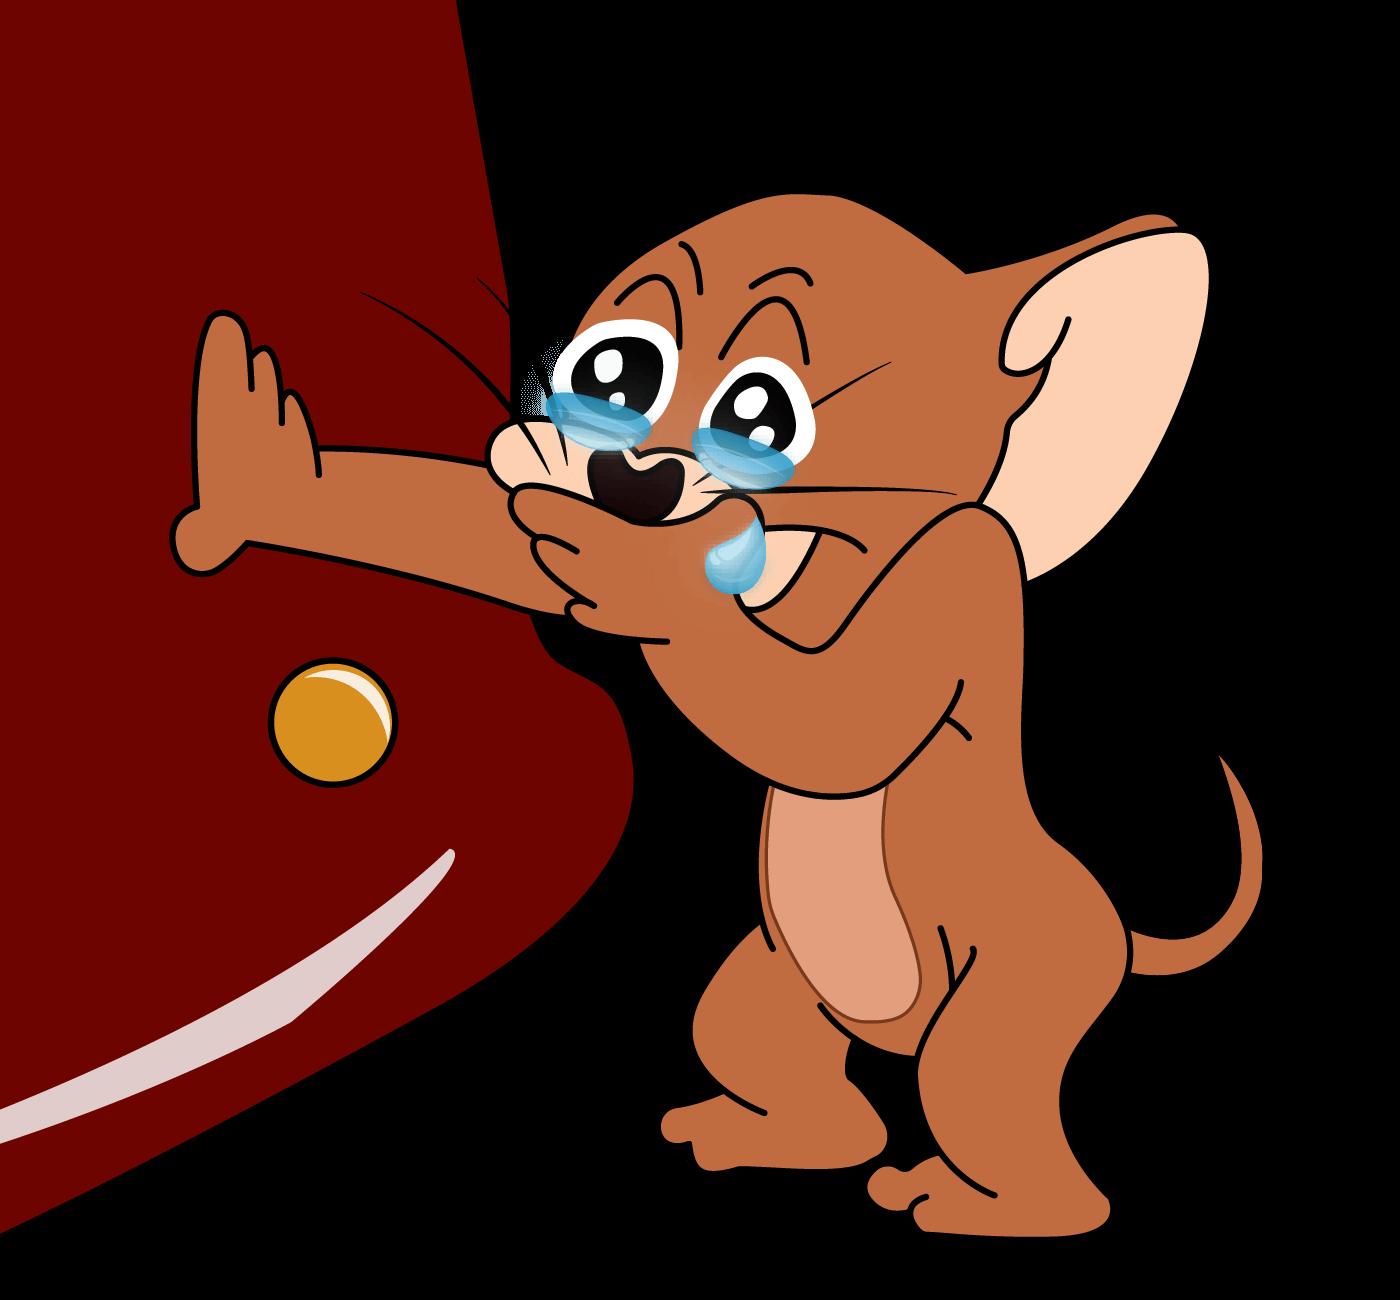 Plantilla de Jerry riendo